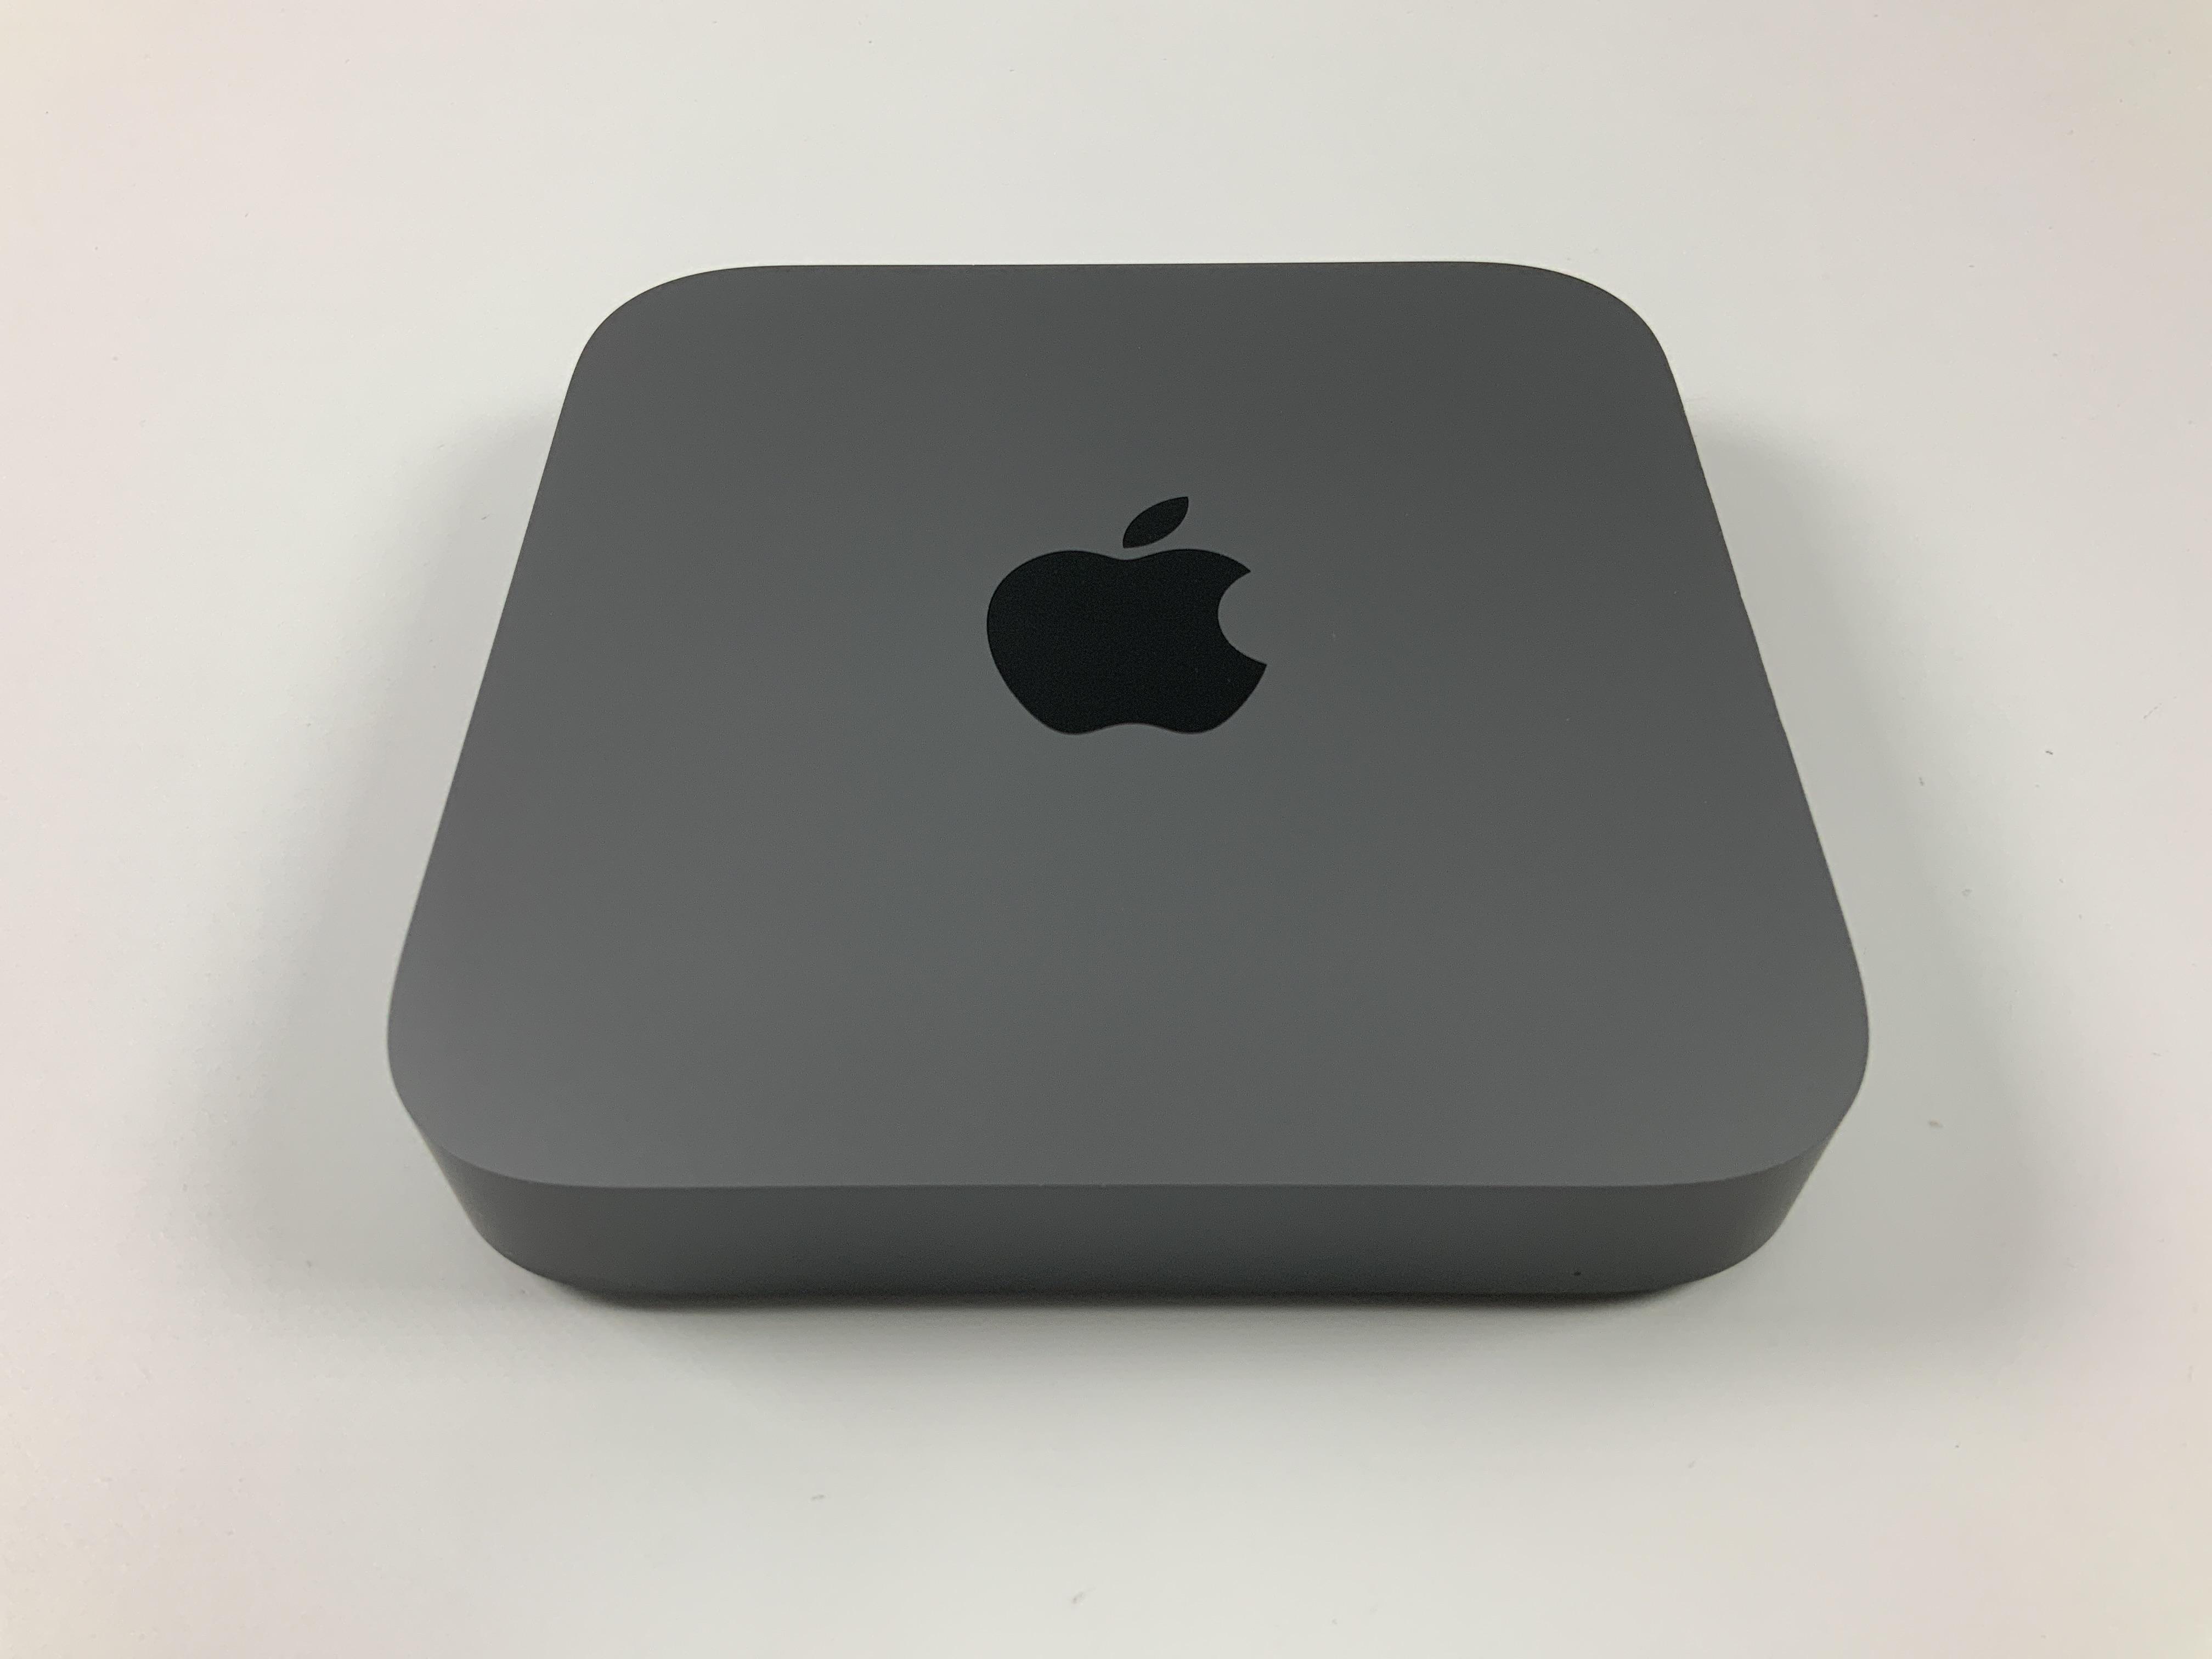 Mac Mini Late 2018 (Intel Quad-Core i3 3.6 GHz 32 GB RAM 128 GB SSD), Intel Quad-Core i3 3.6 GHz, 32 GB RAM, 128 GB SSD, image 1